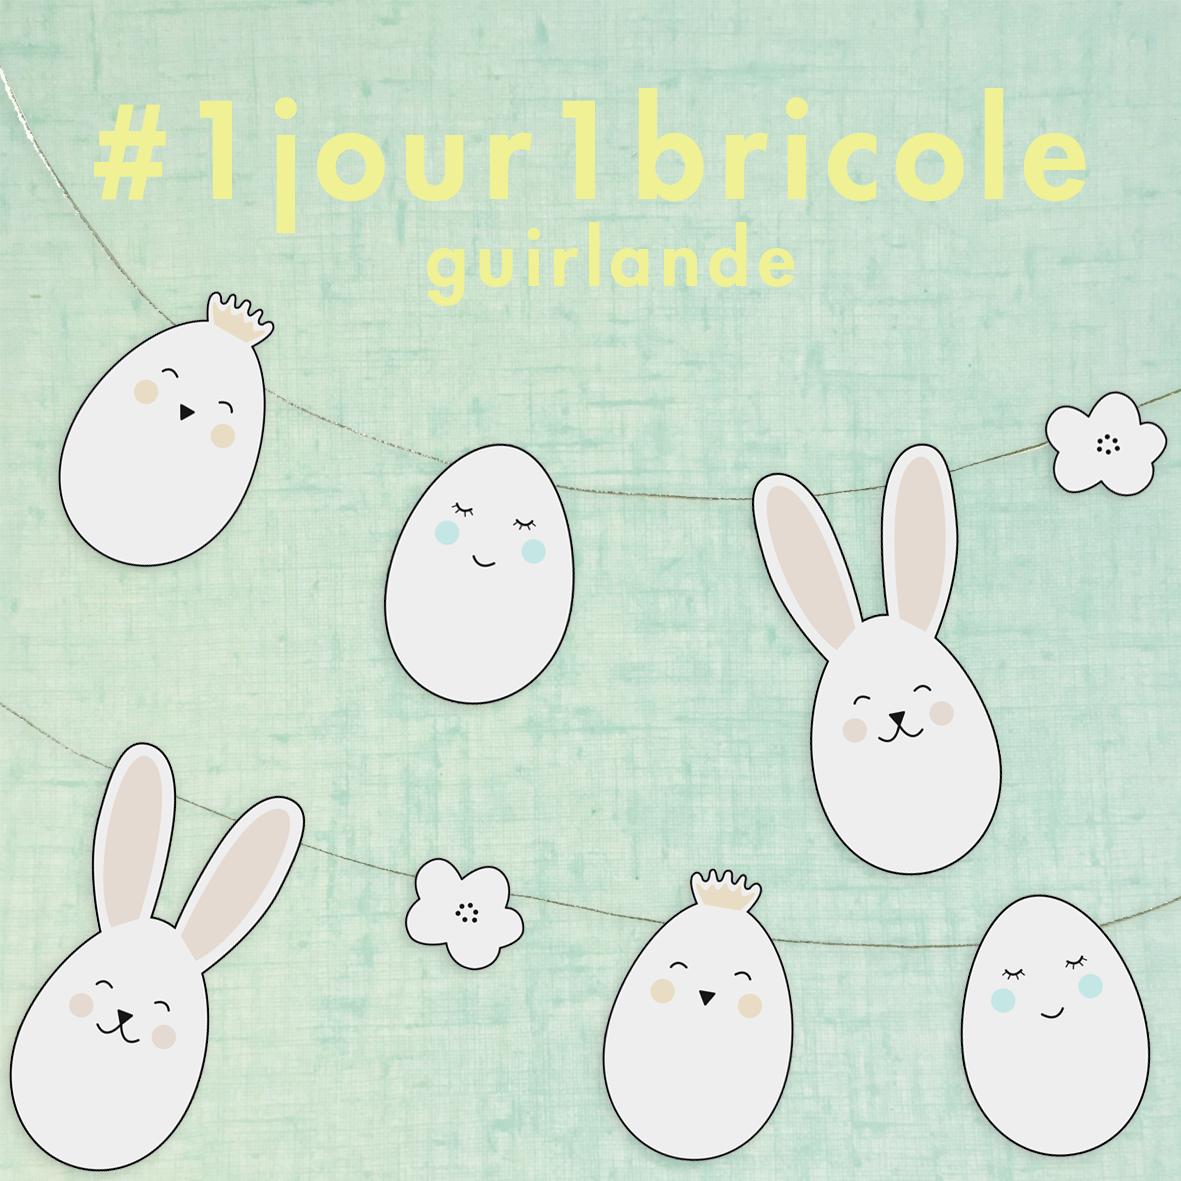 1jour1bricole J25-Guirlande de Pâques